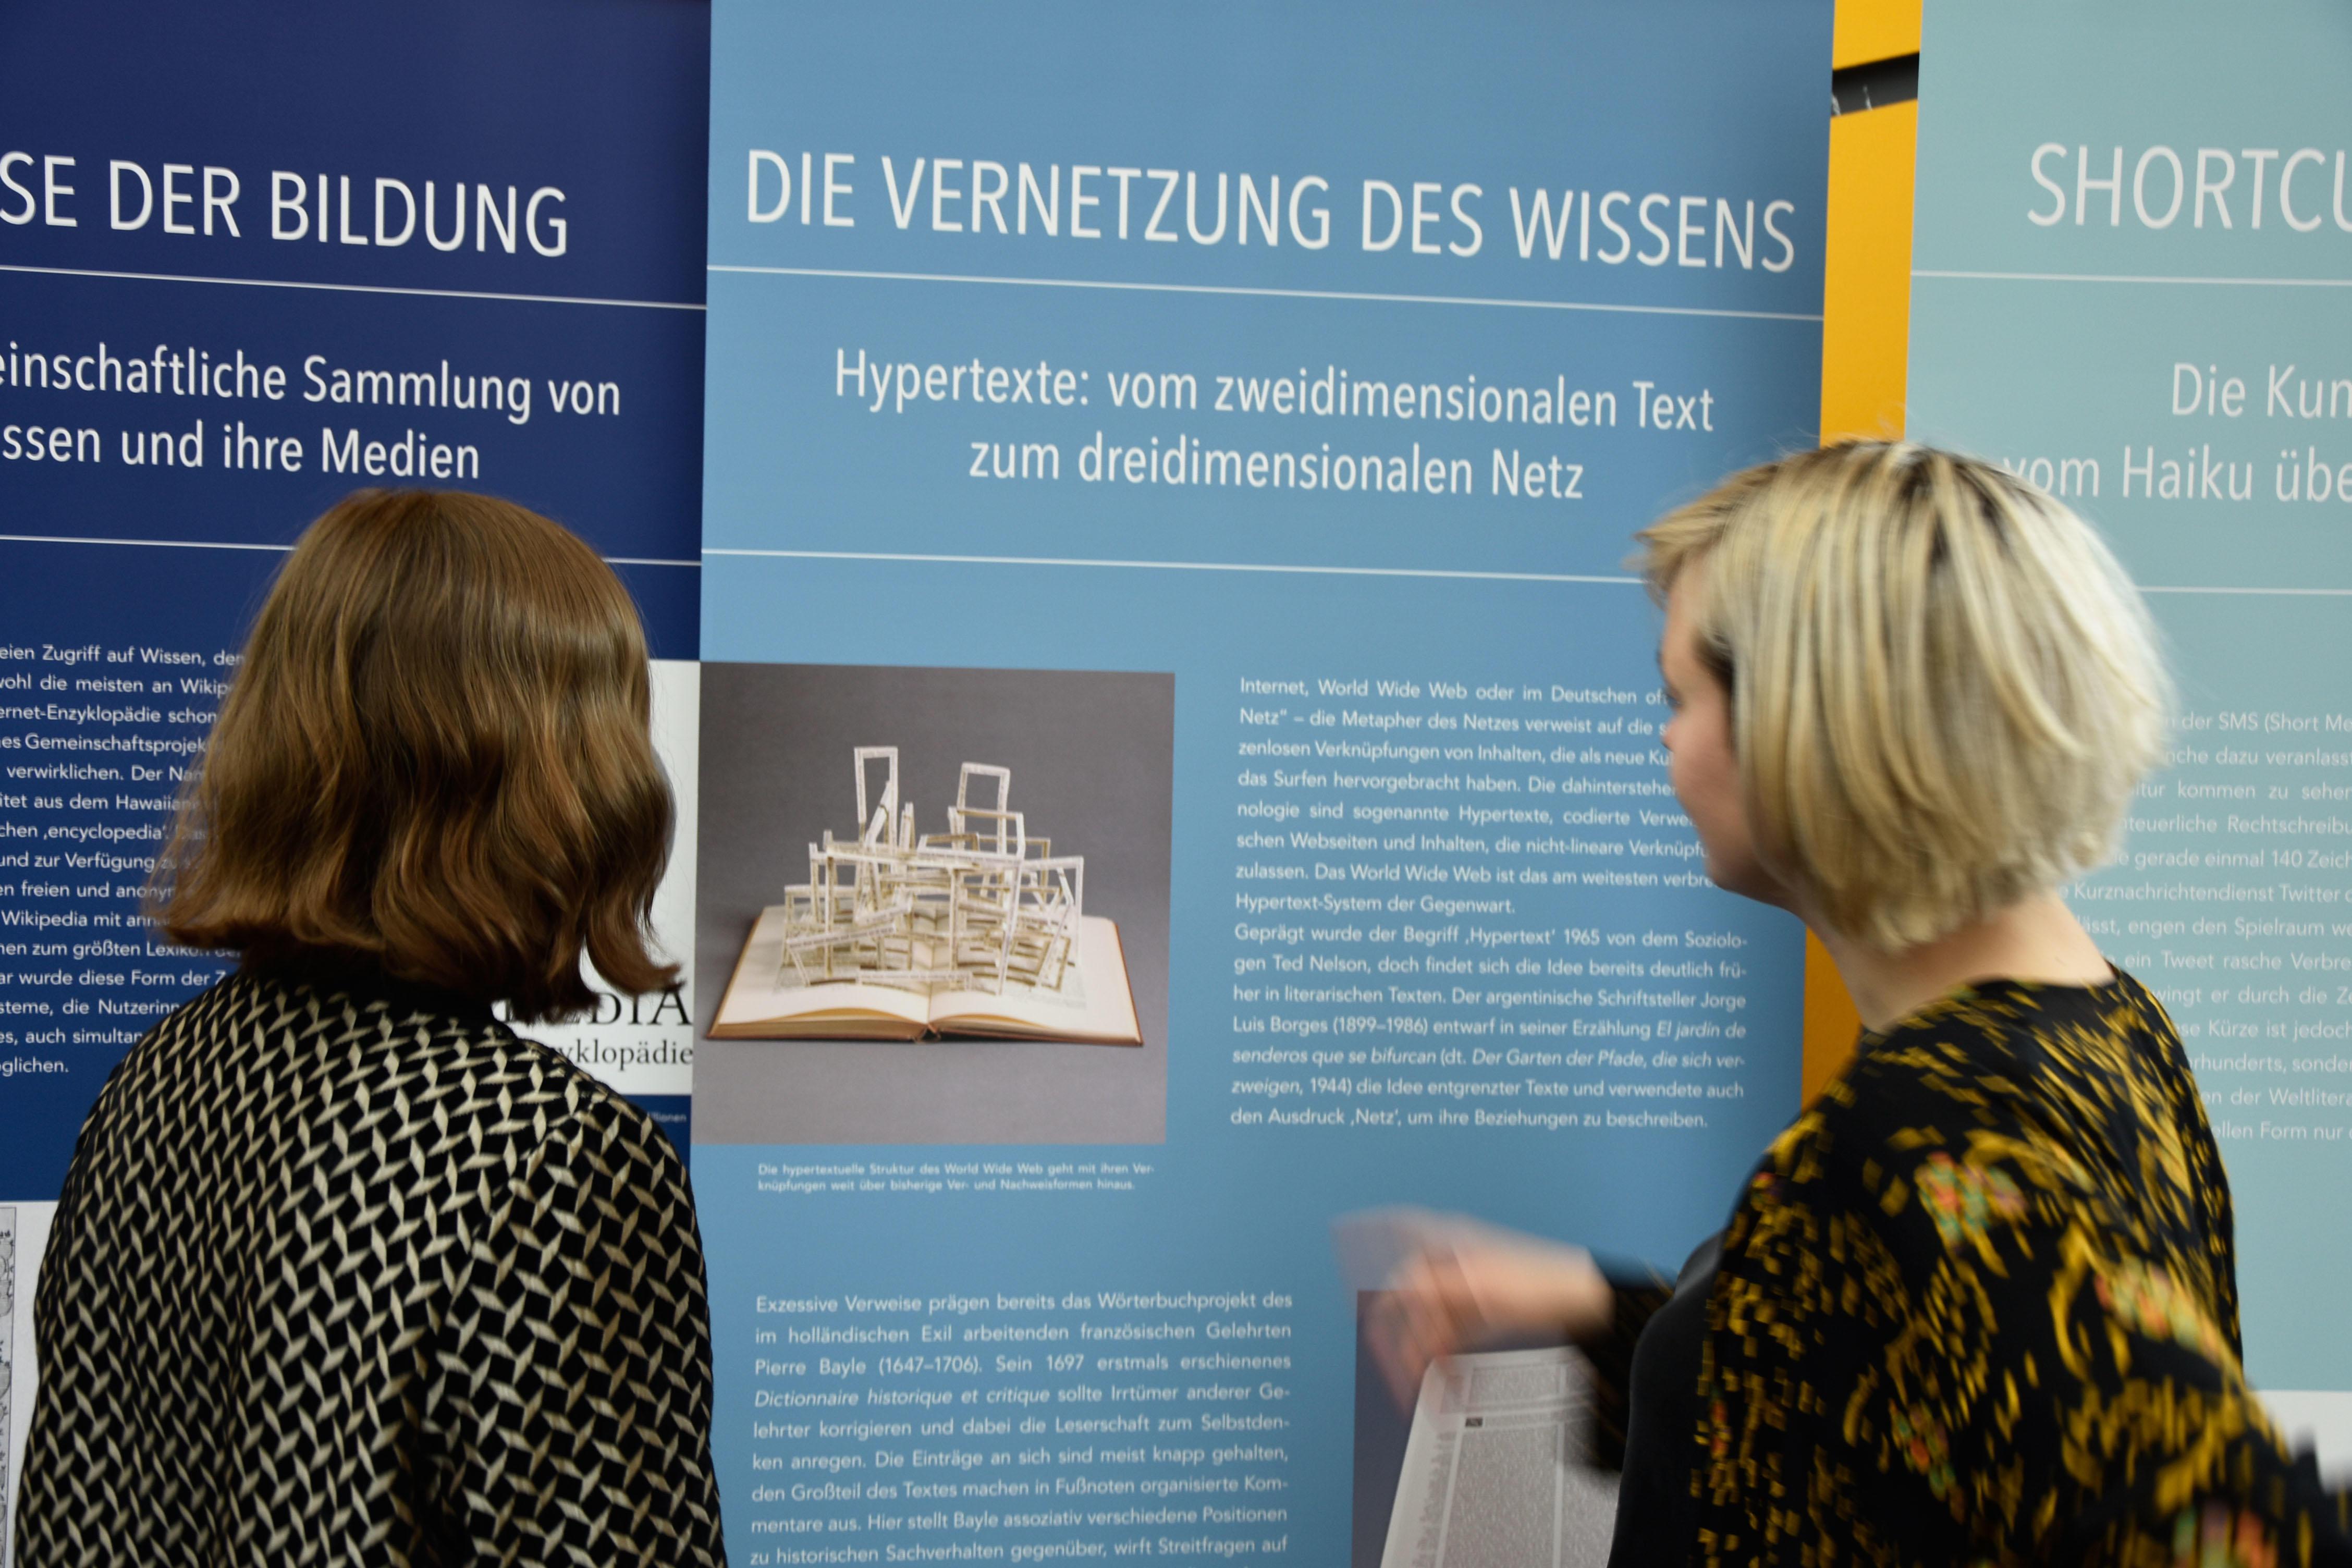 Die Ausstellungstafeln Zeigen, Dass Vieles, Was Heute Unter Dem Schlagwort  Der Digitalisierung Diskutiert Wird